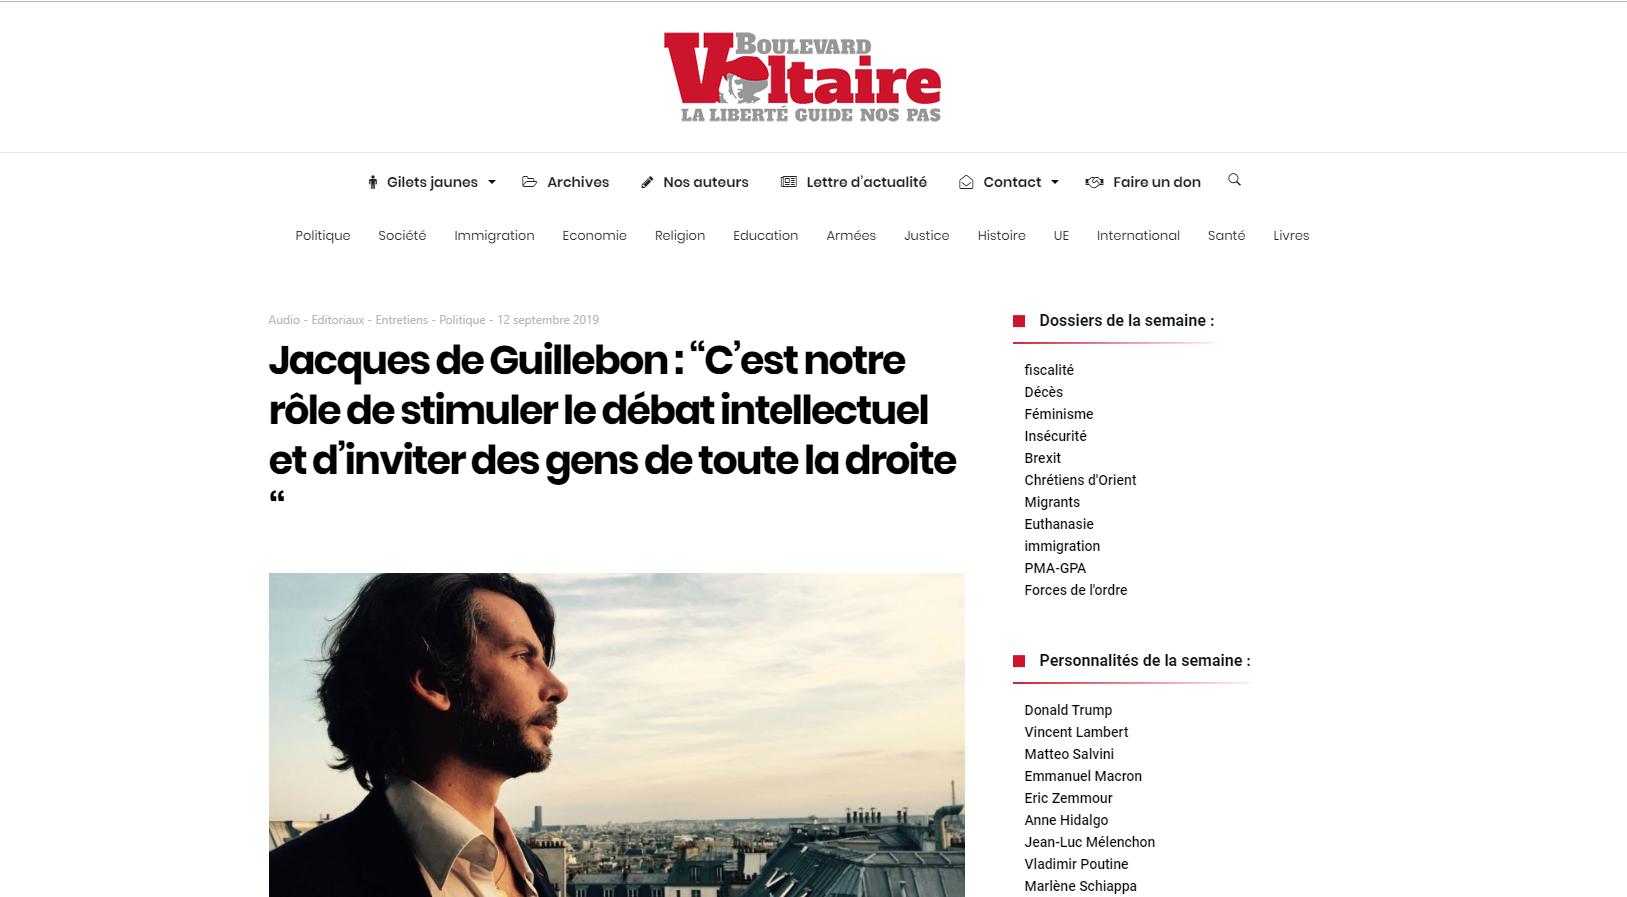 2019-09-12 11_05_03-Jacques de Guillebon _ _C'est notre rôle de stimuler le débat intellectuel et d'